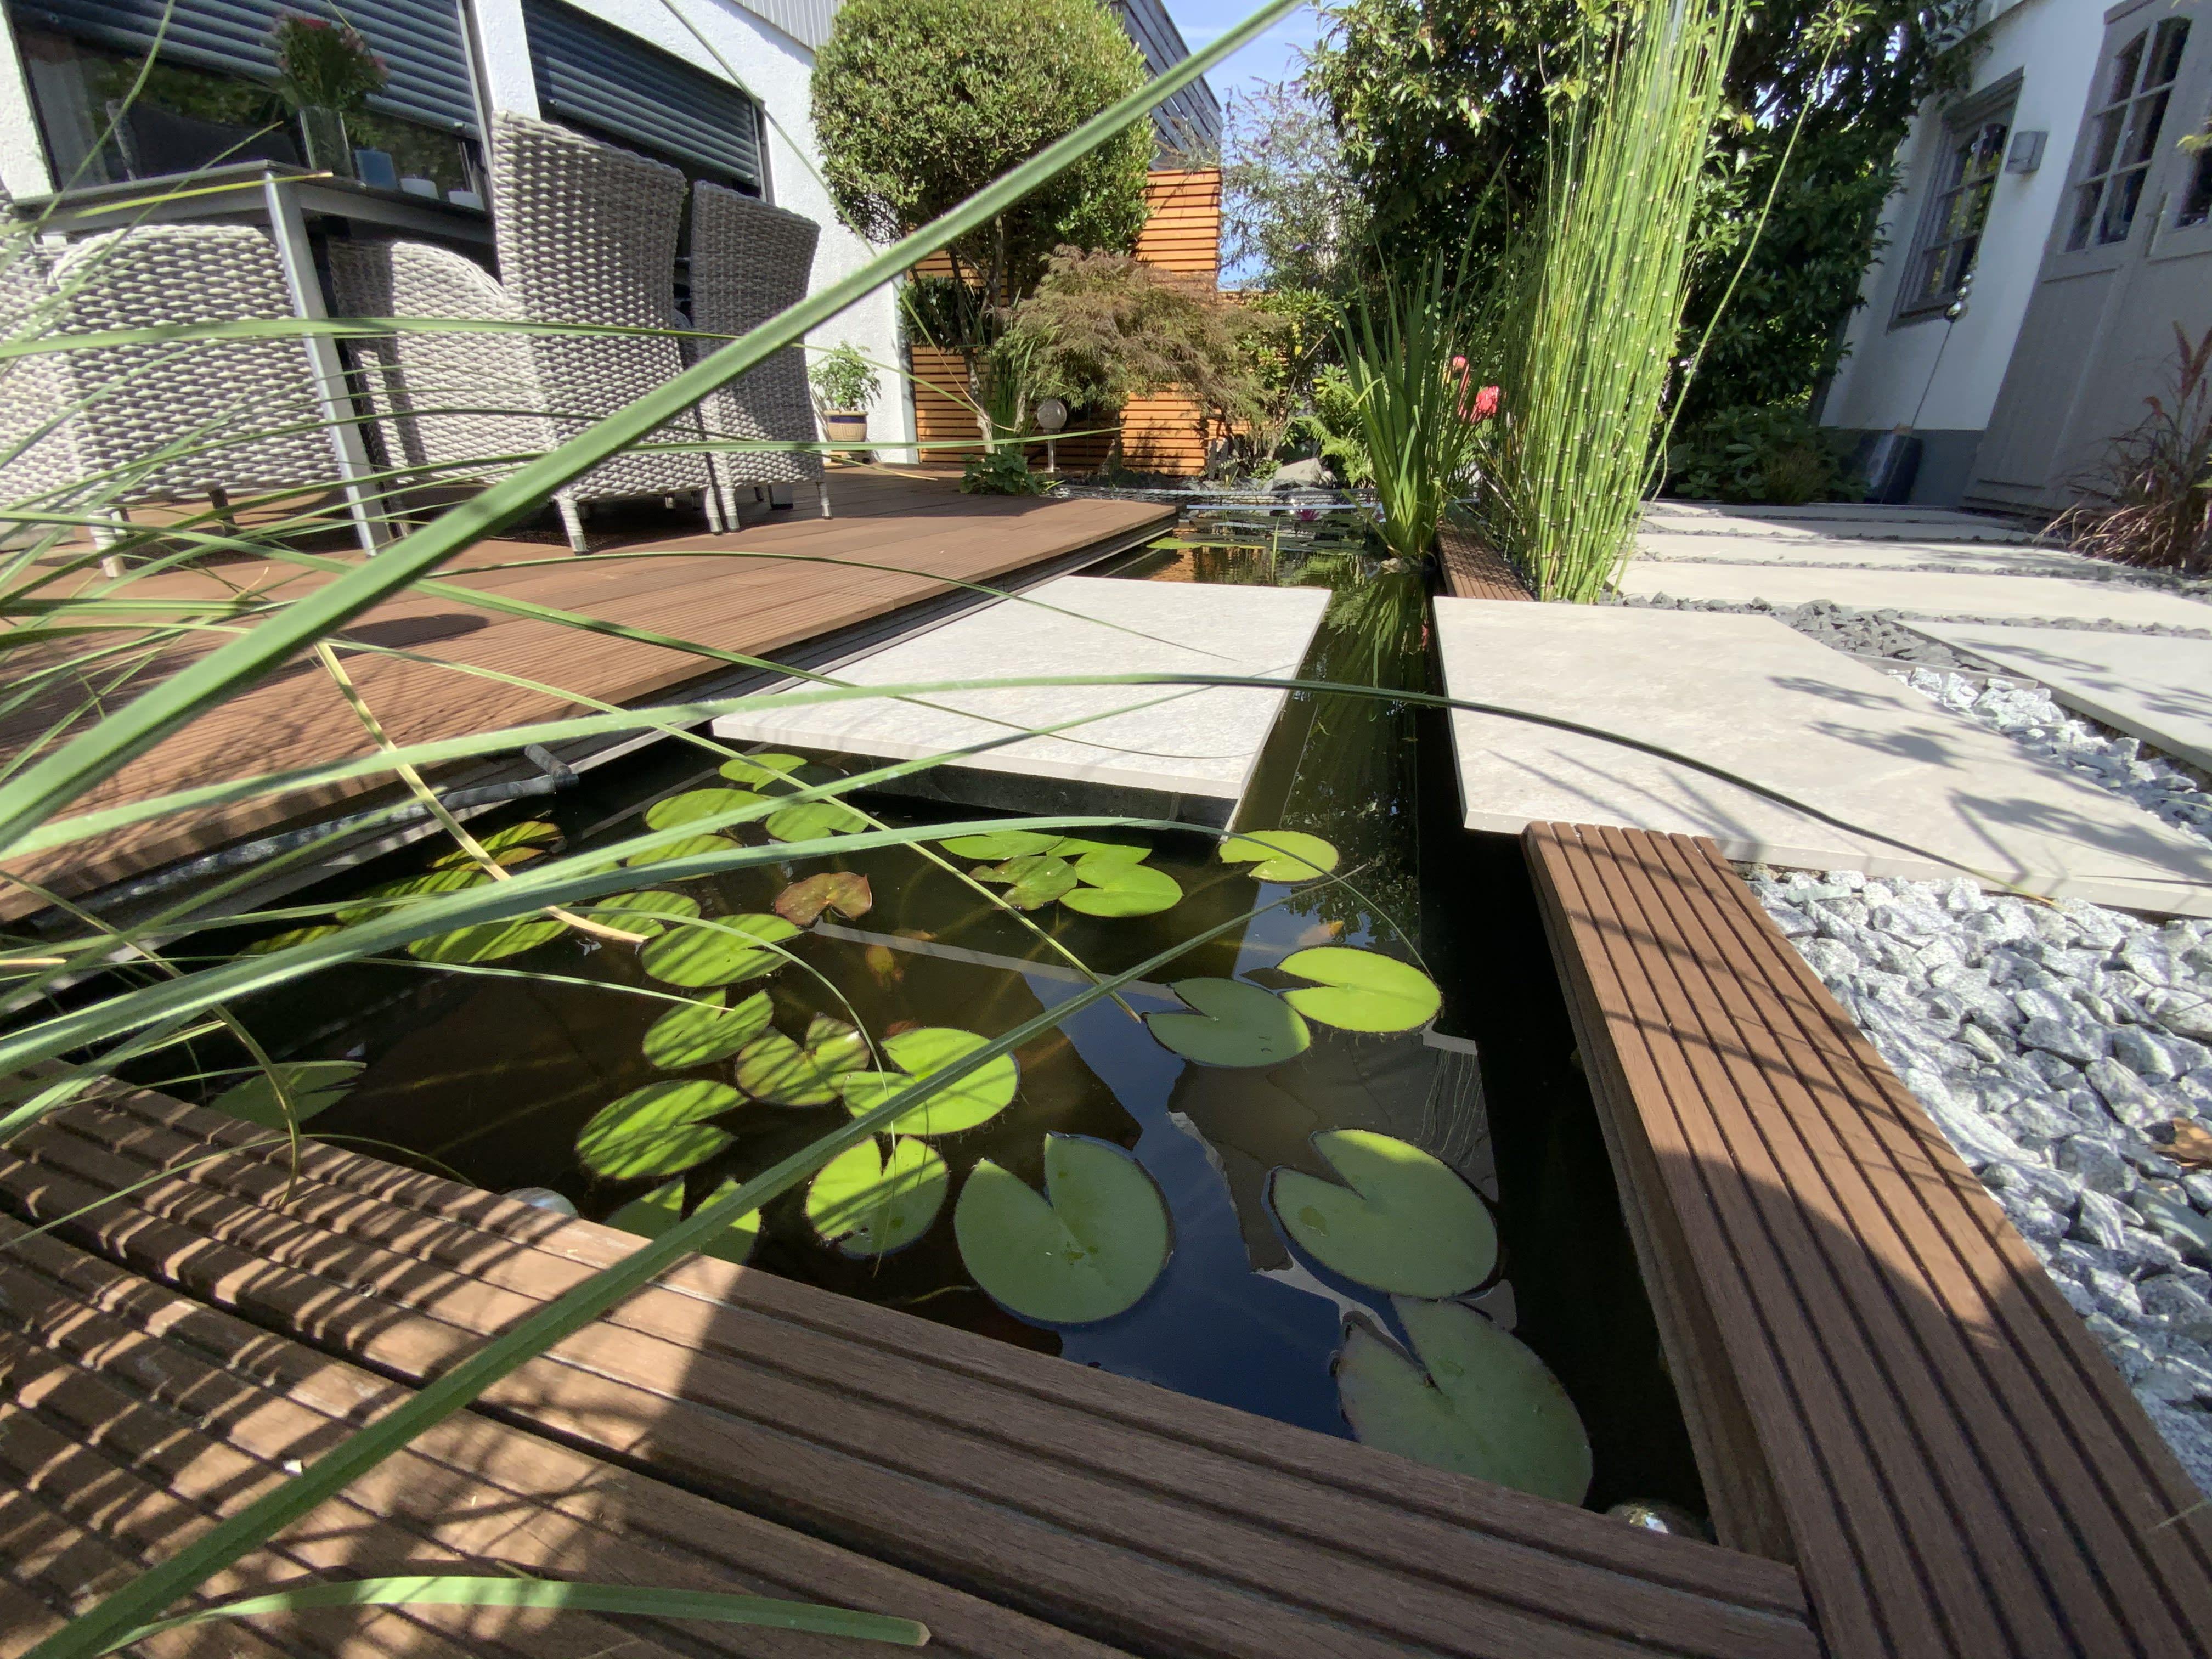 Garten mit Teich und Holzterrasse und Steinplatten